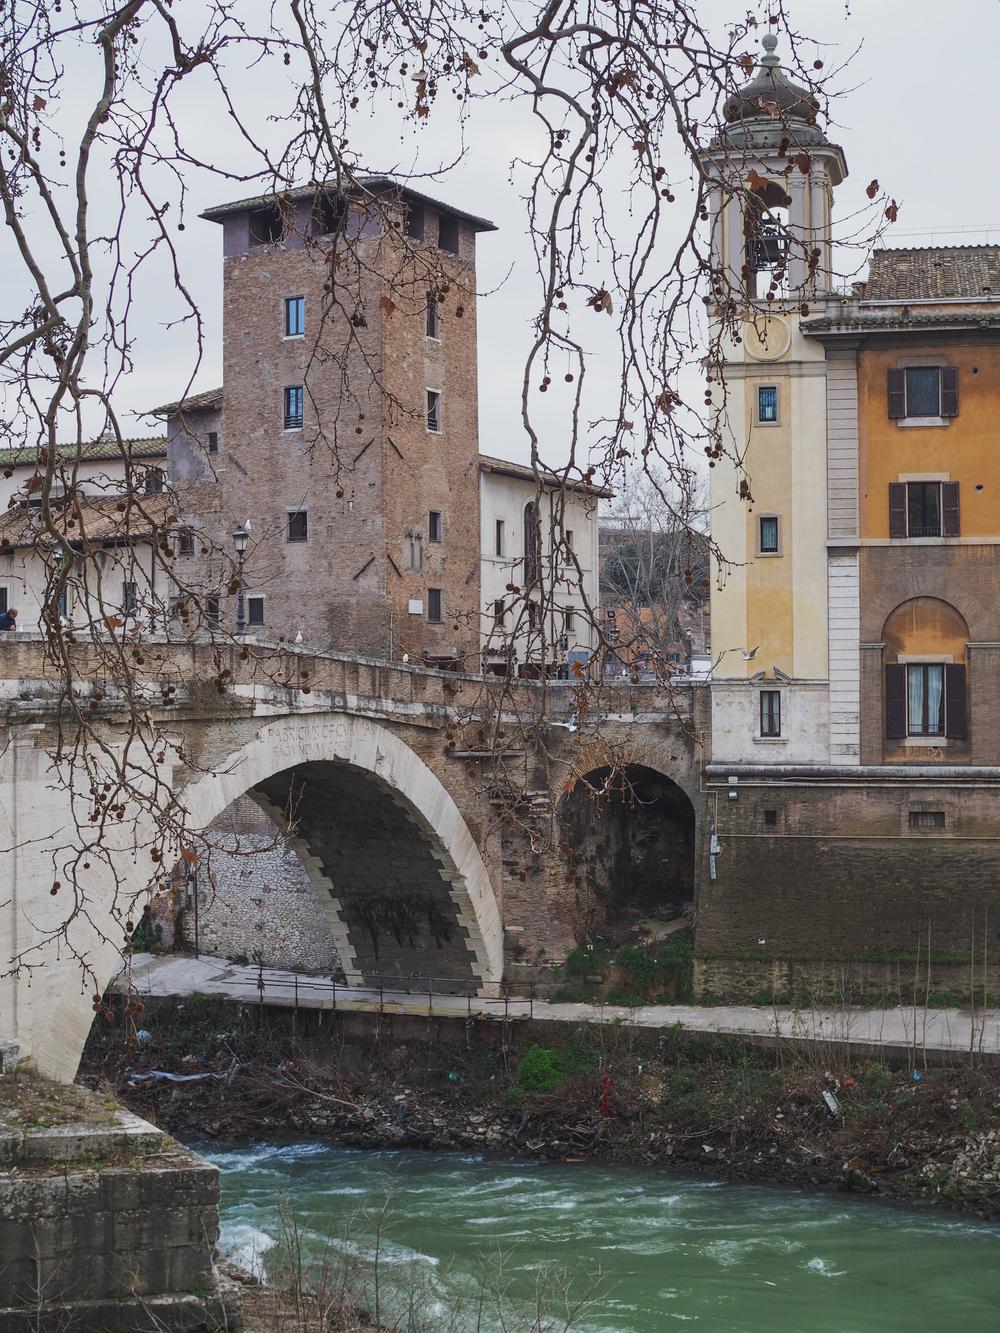 rome-italy-photo-diary-3-23